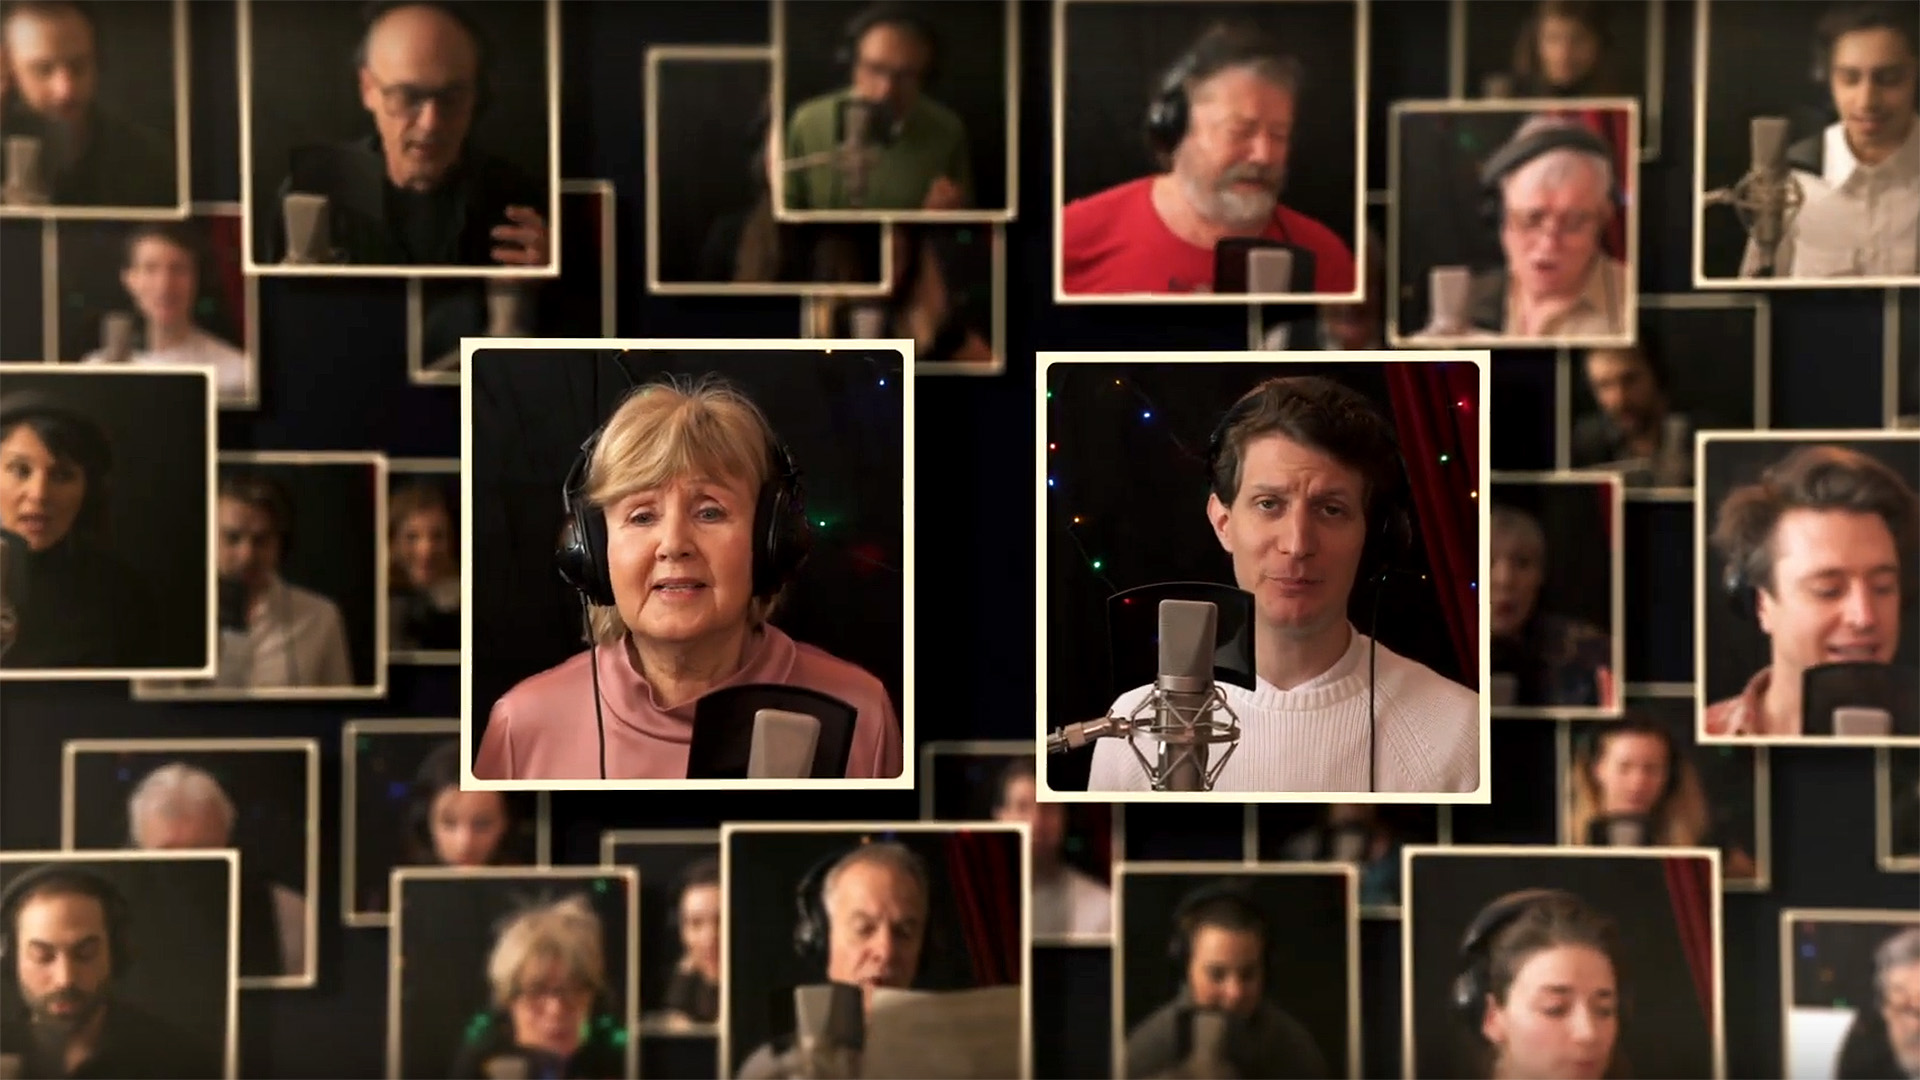 Közös énekléssel kívánnak boldog karácsonyt a Vígszínház művészei